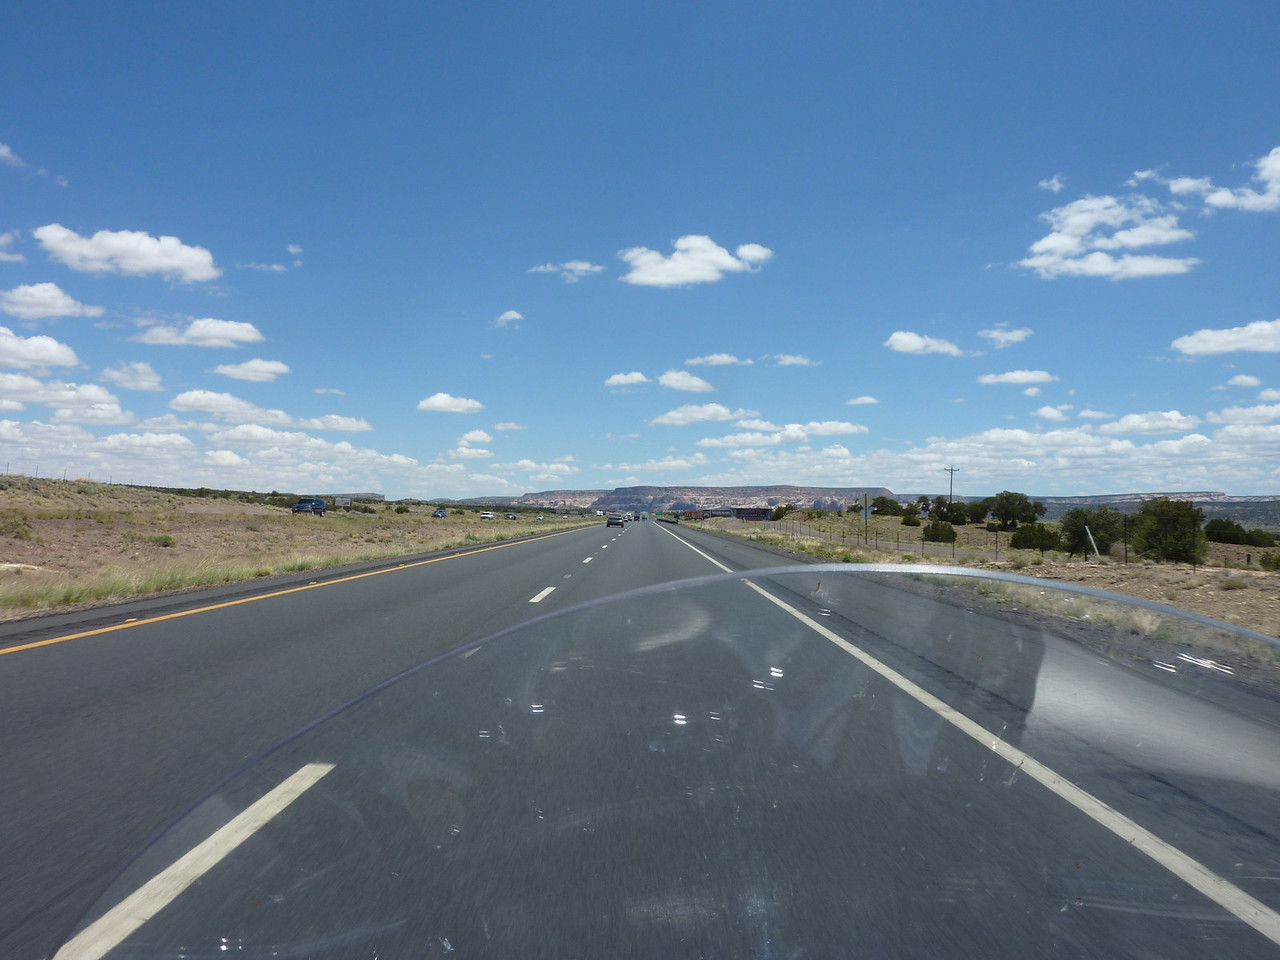 Heading to New Mexico